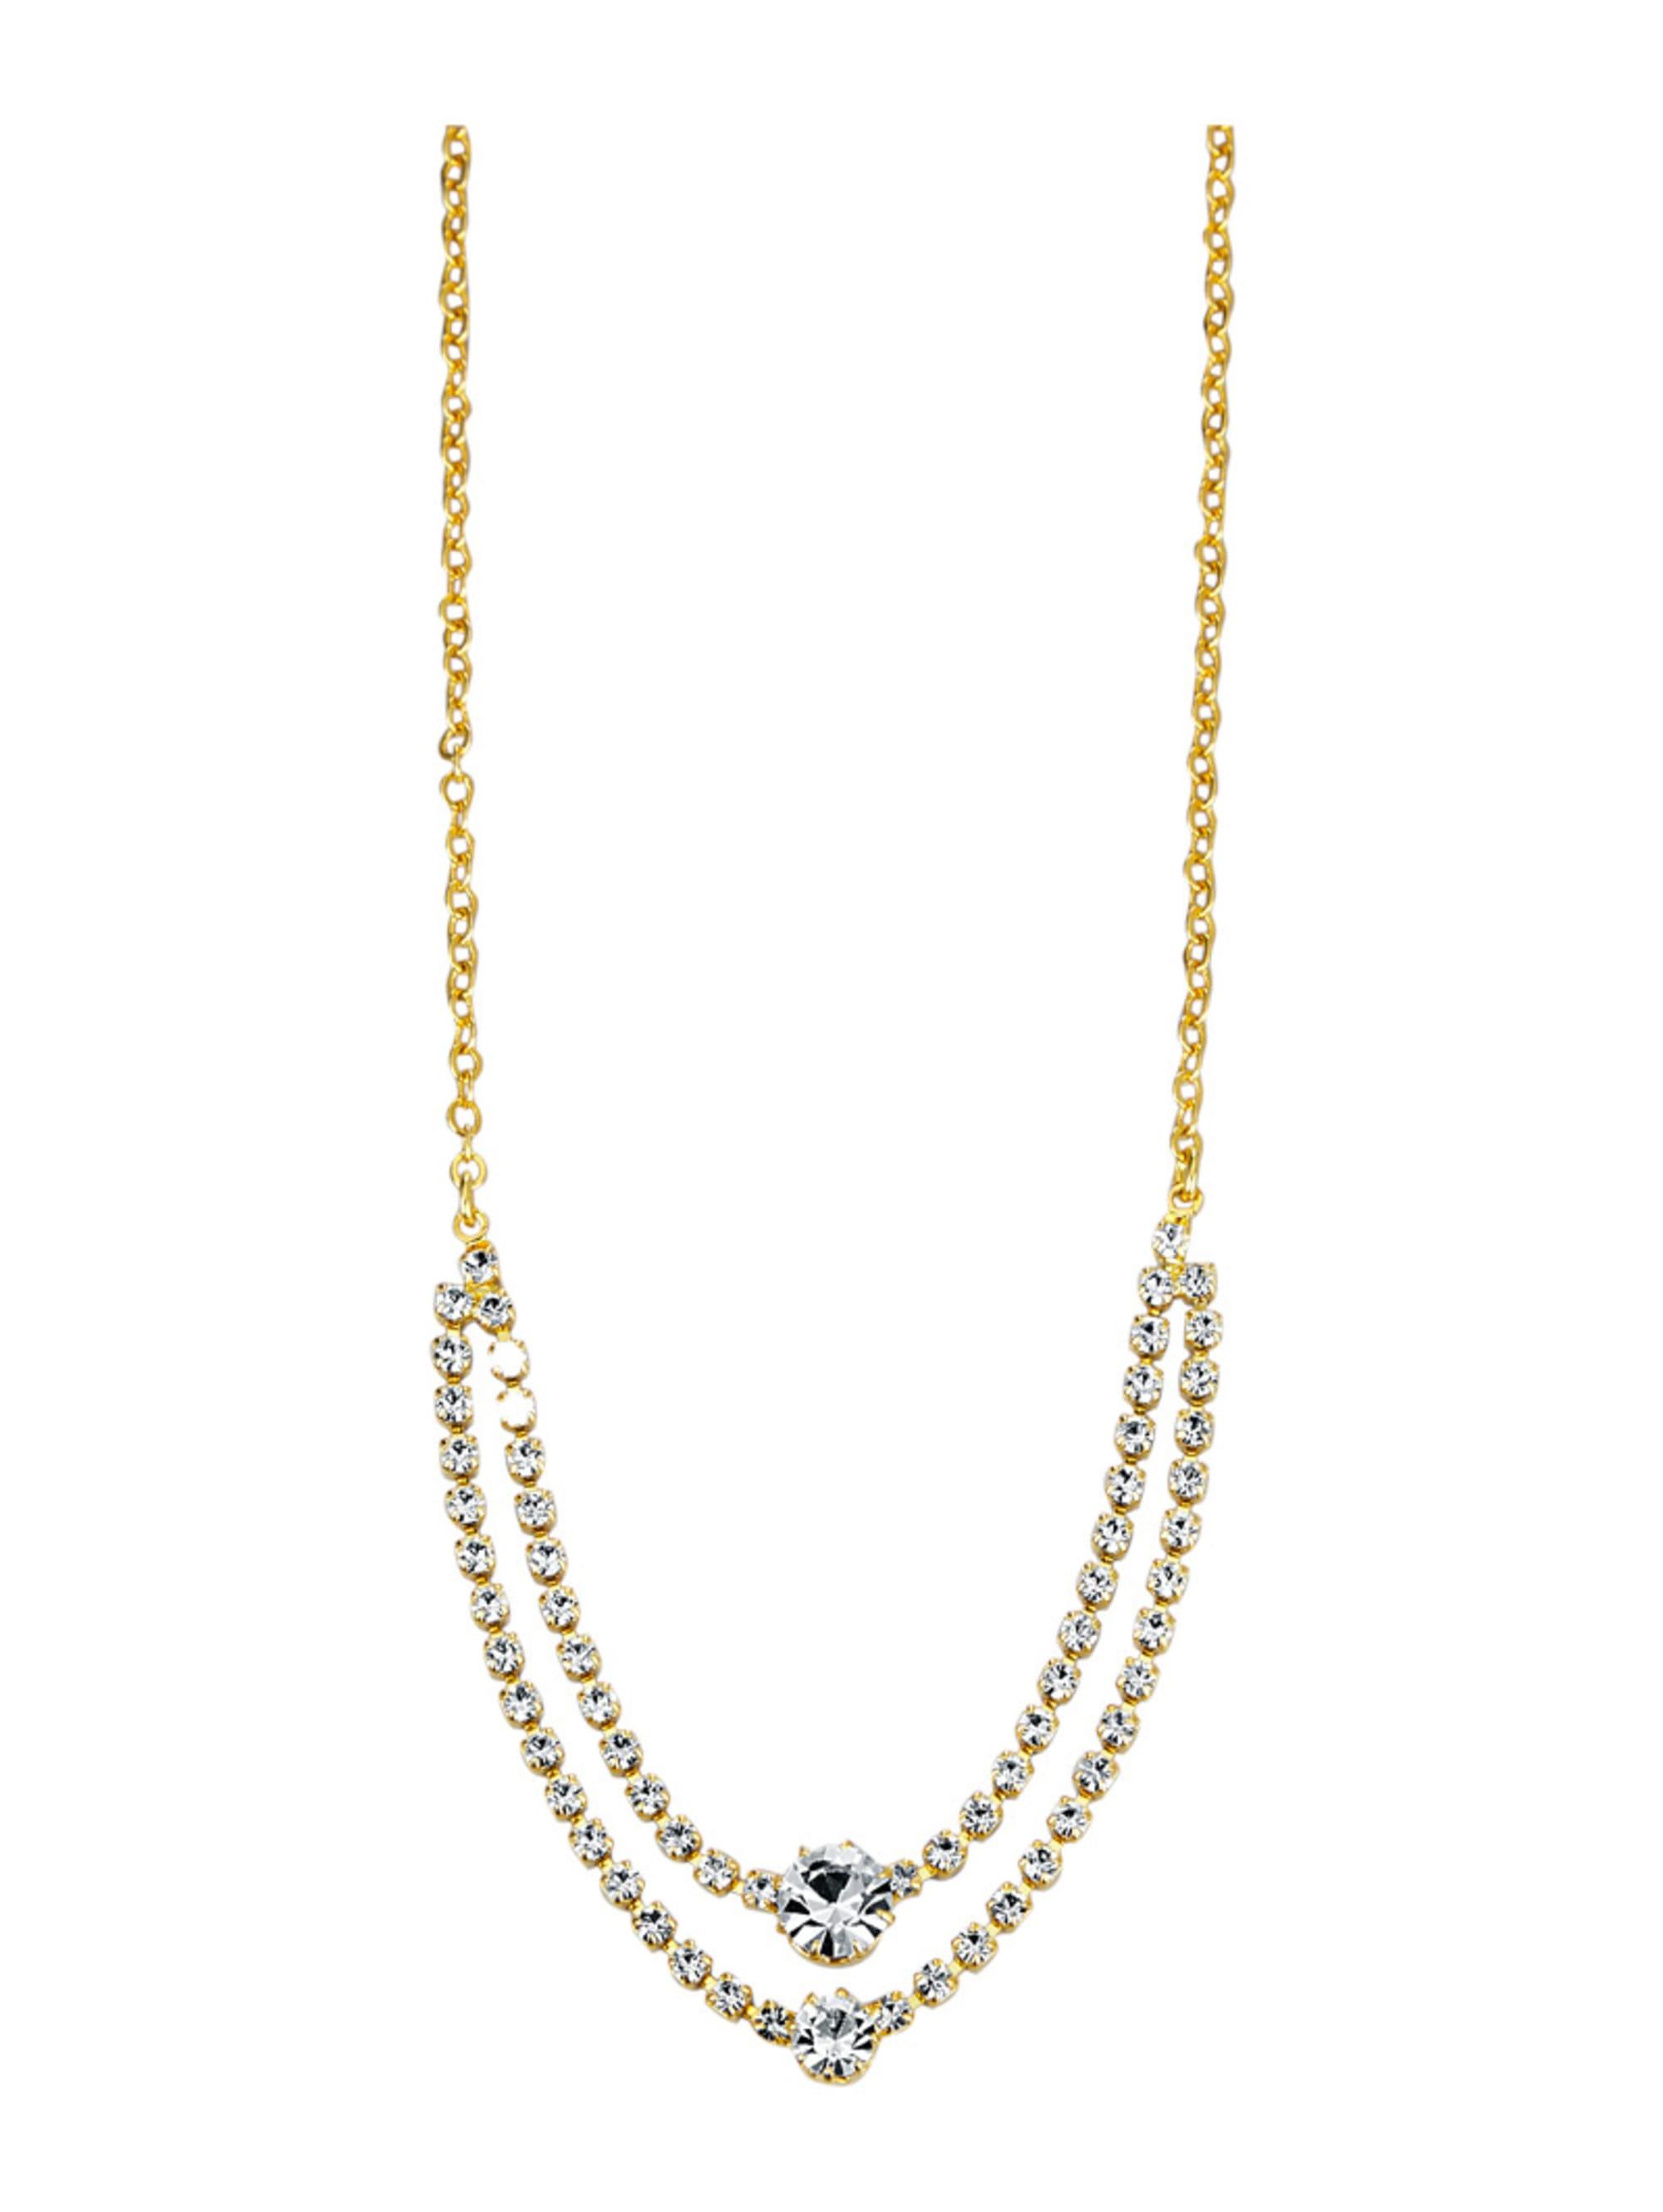 Golden Style Collier mit Kristallen A8I54